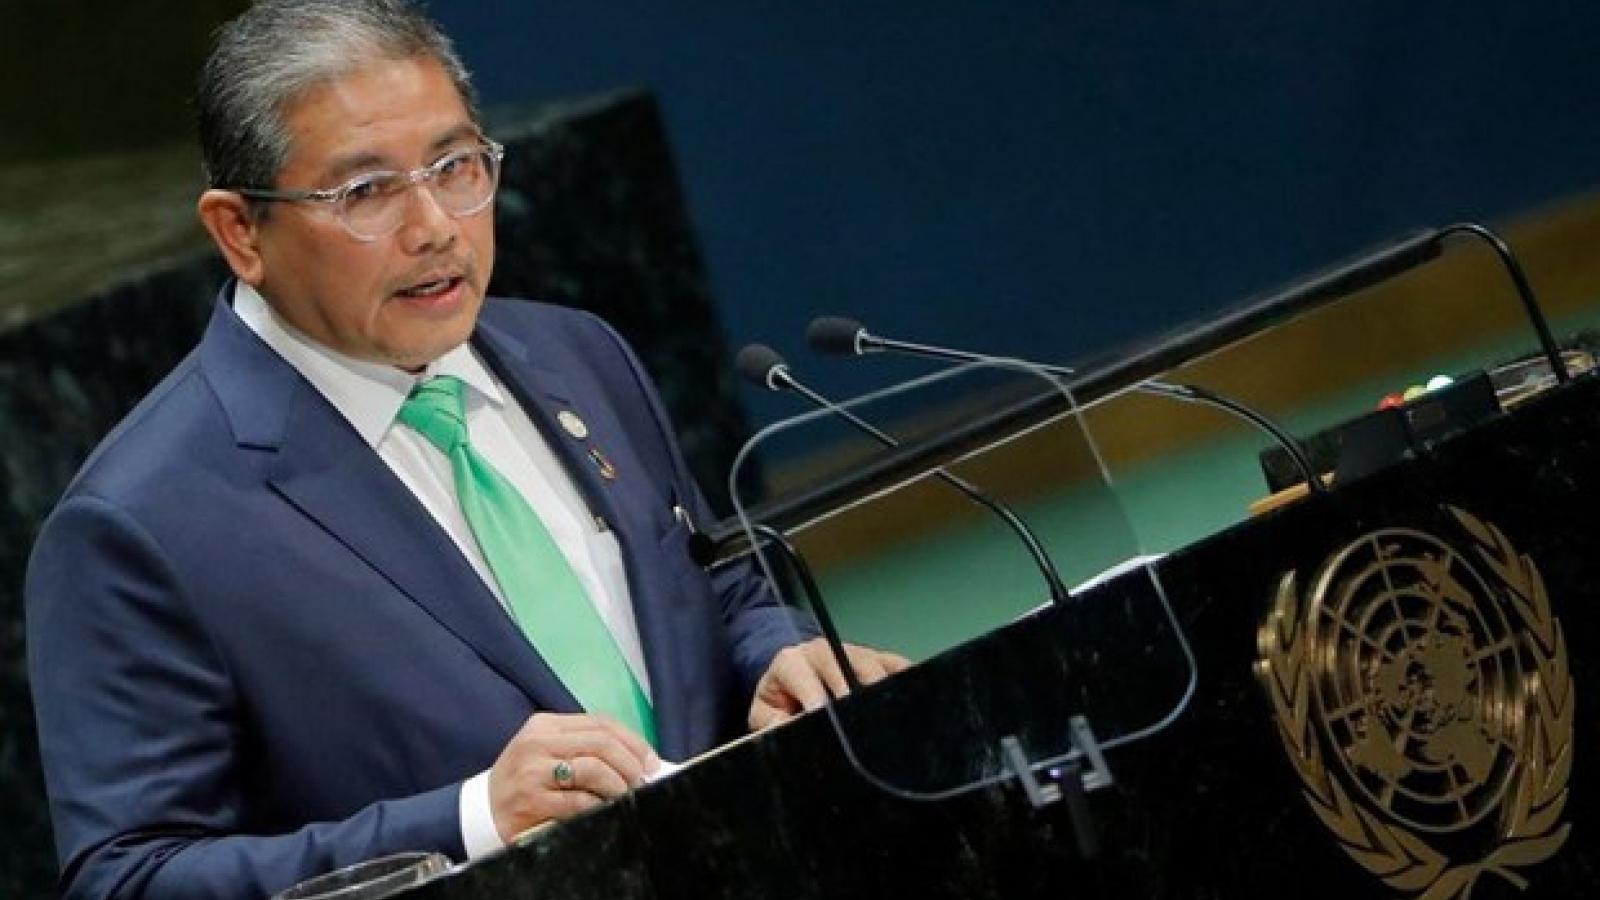 Đặc phái viên ASEAN đề nghị đàm phán với Hội đồng quân sự Myanmar